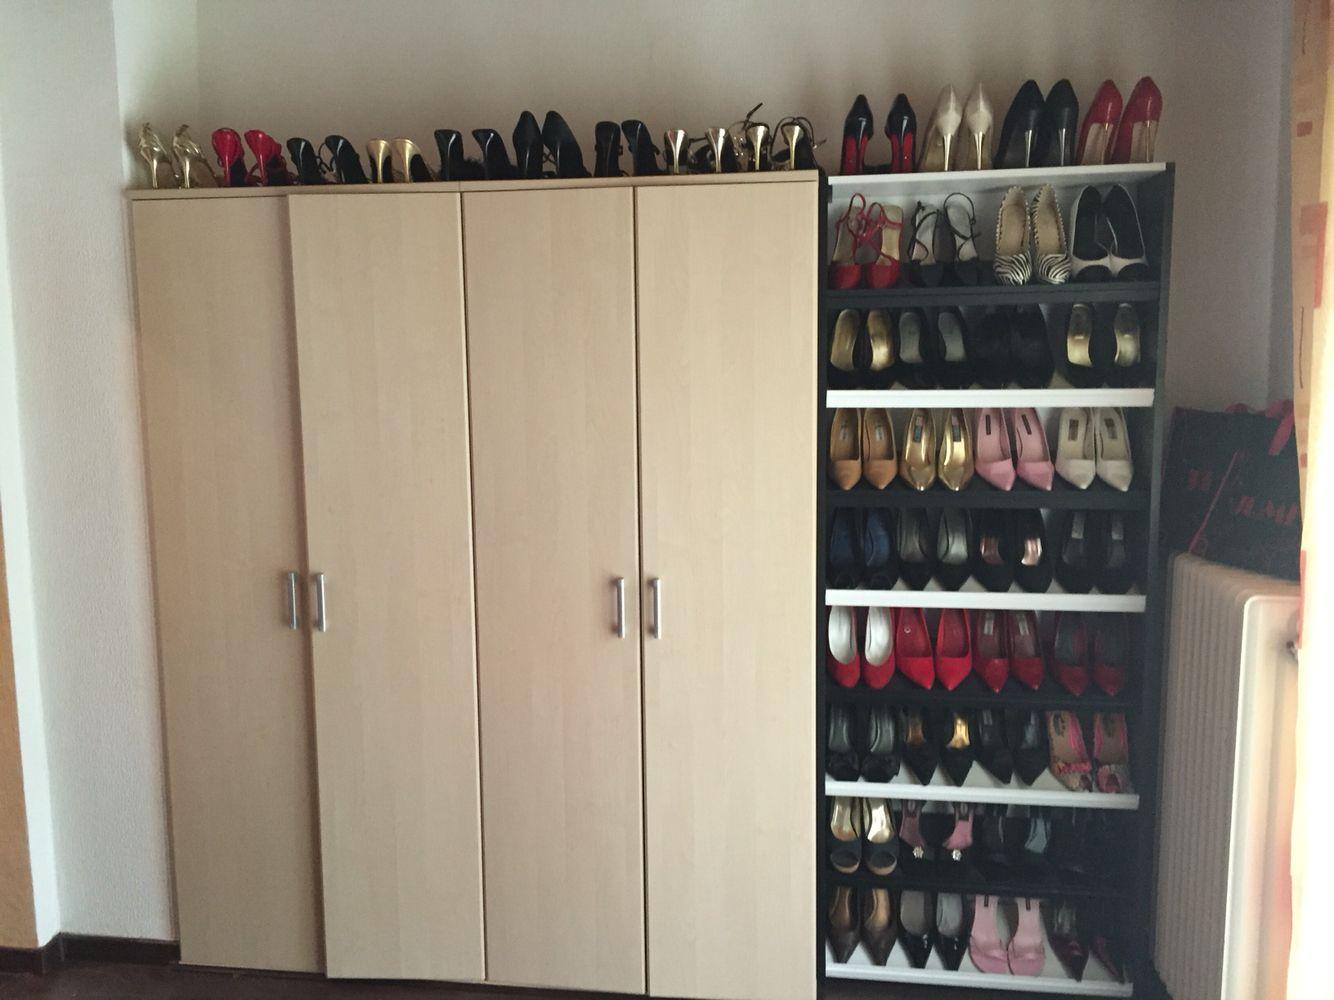 Schuhe dürfen auch nicht fehlen